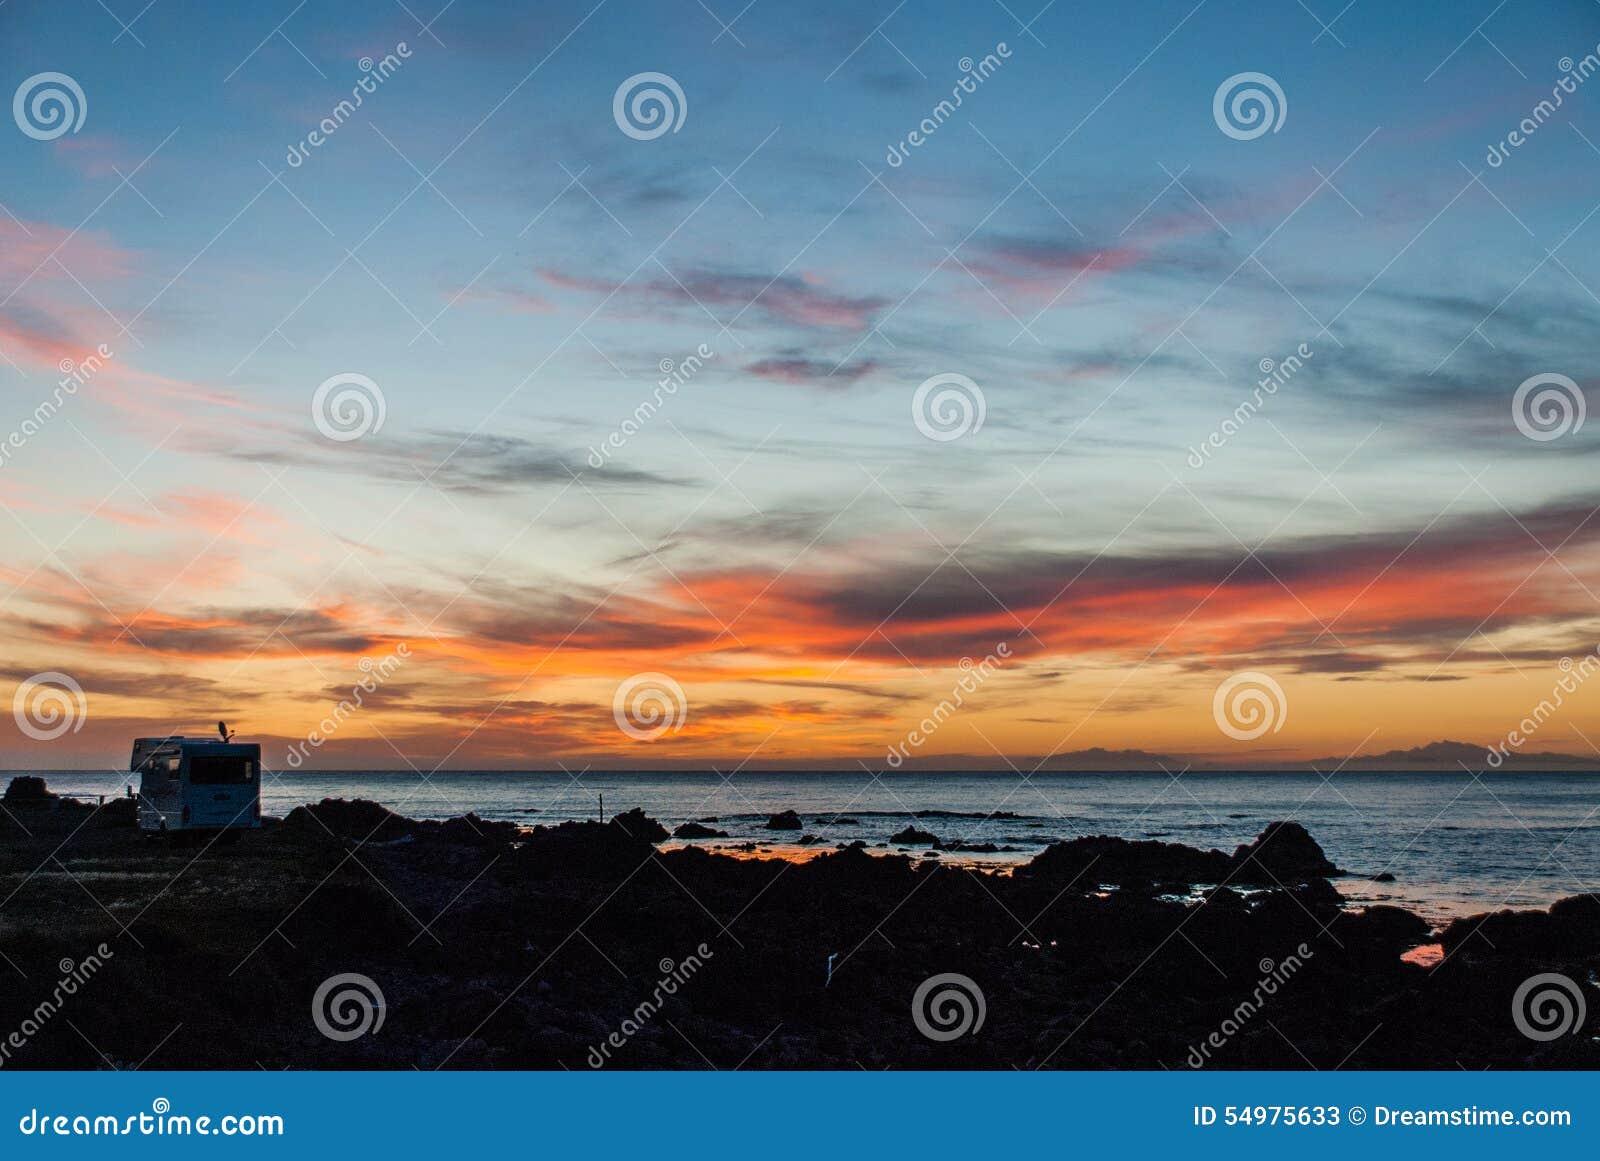 Ηλιοβασίλεμα πέρα από το νότιο νησί της Νέας Ζηλανδίας